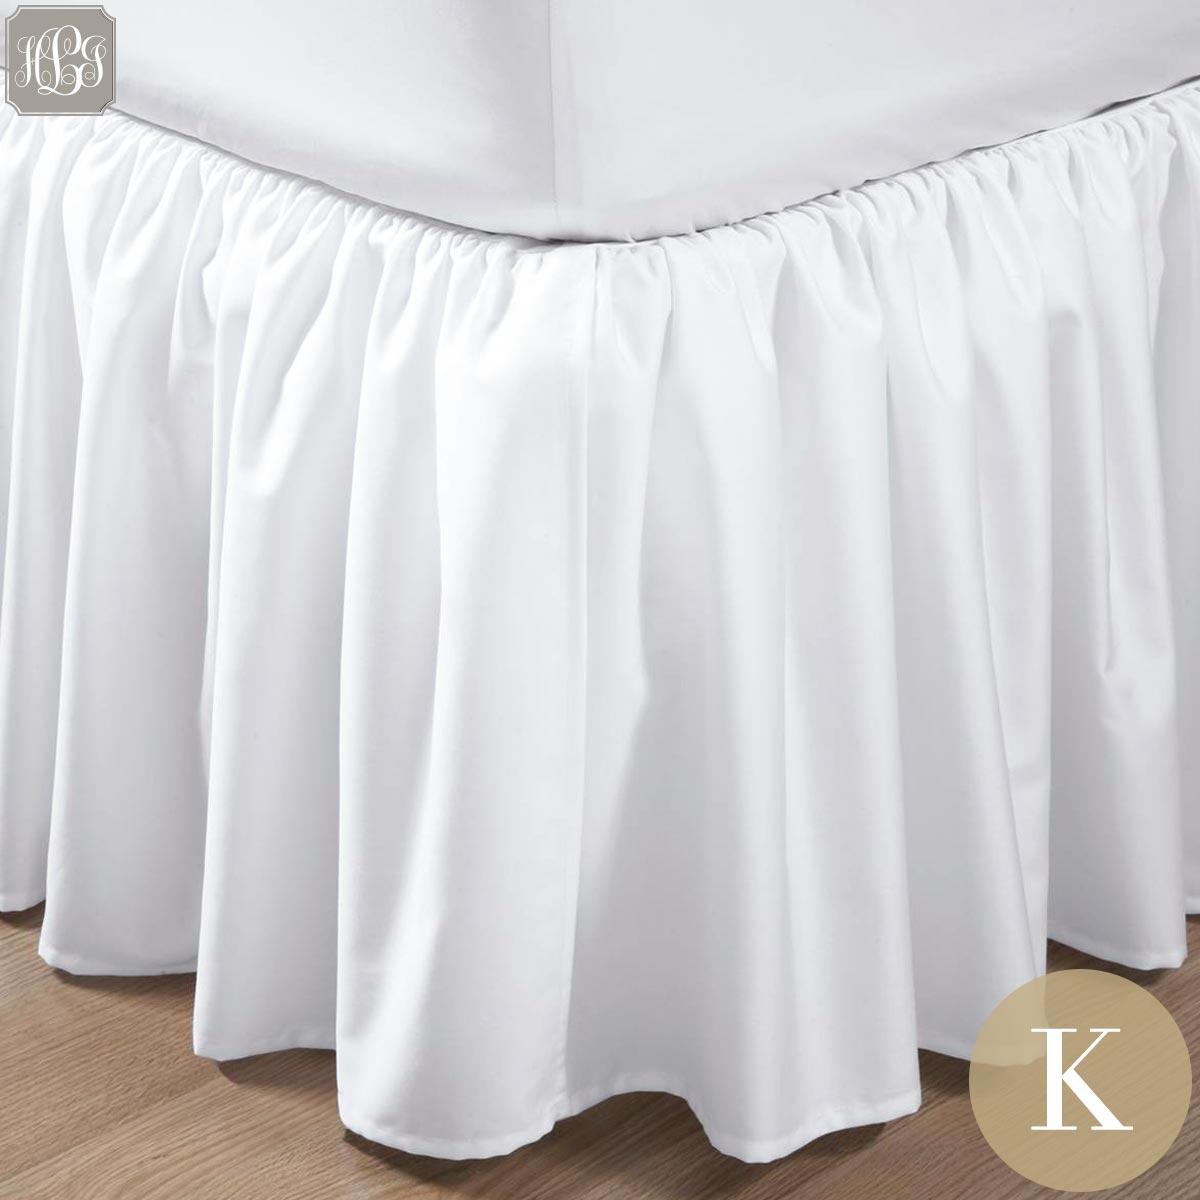 ベッドスカート   キング   180x200cm   高さ25cm   400TC  ギャザードベッドスカート  